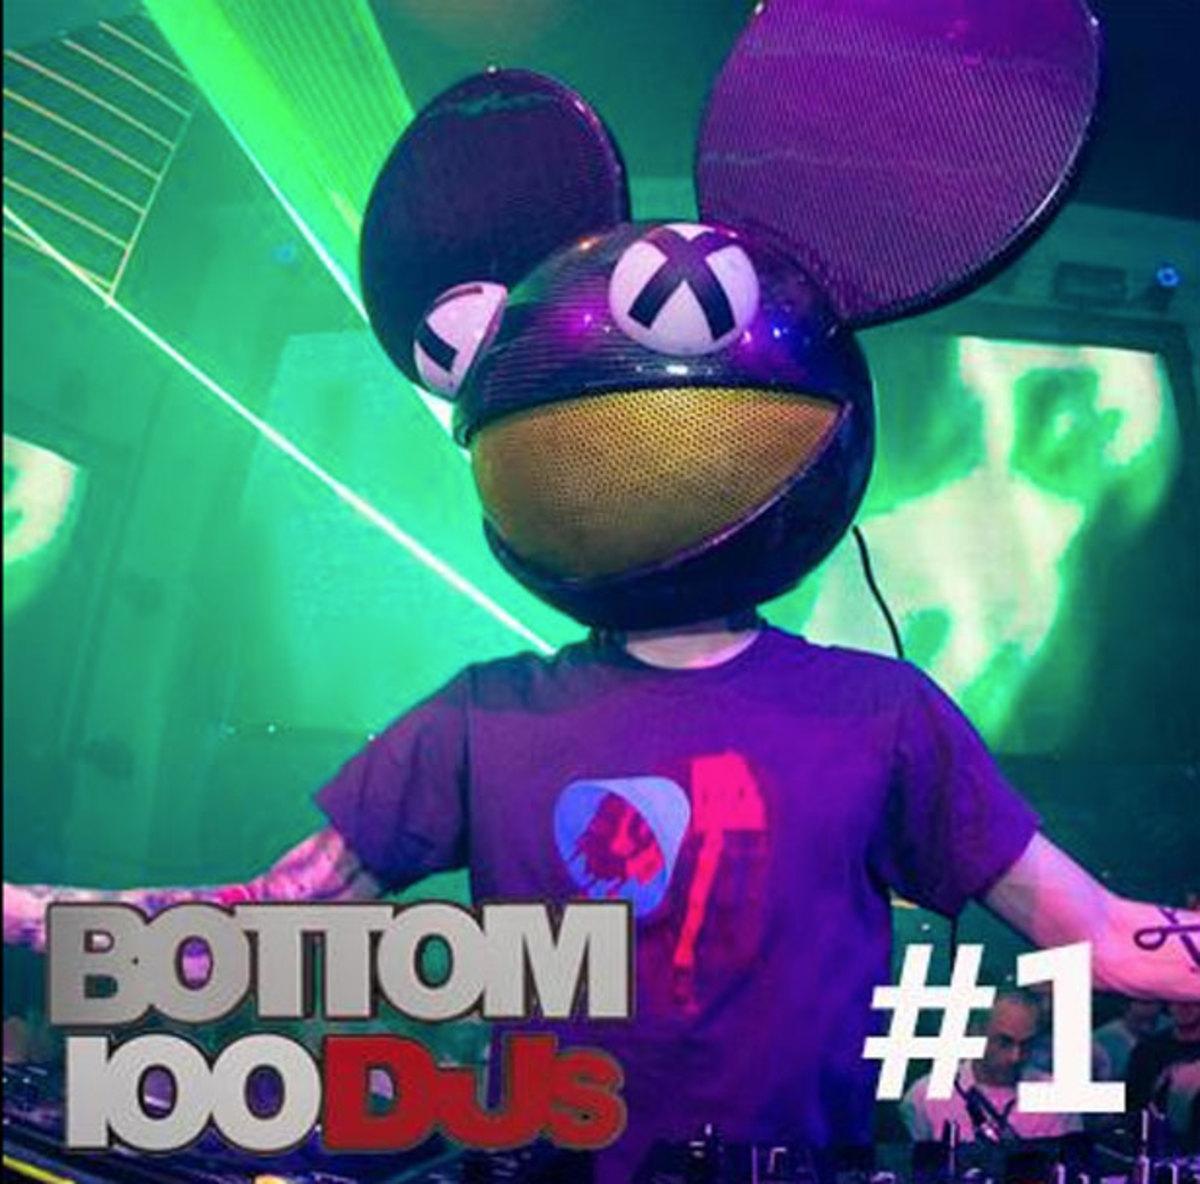 deadmau5 Wins Bottom 100 DJs Competition!